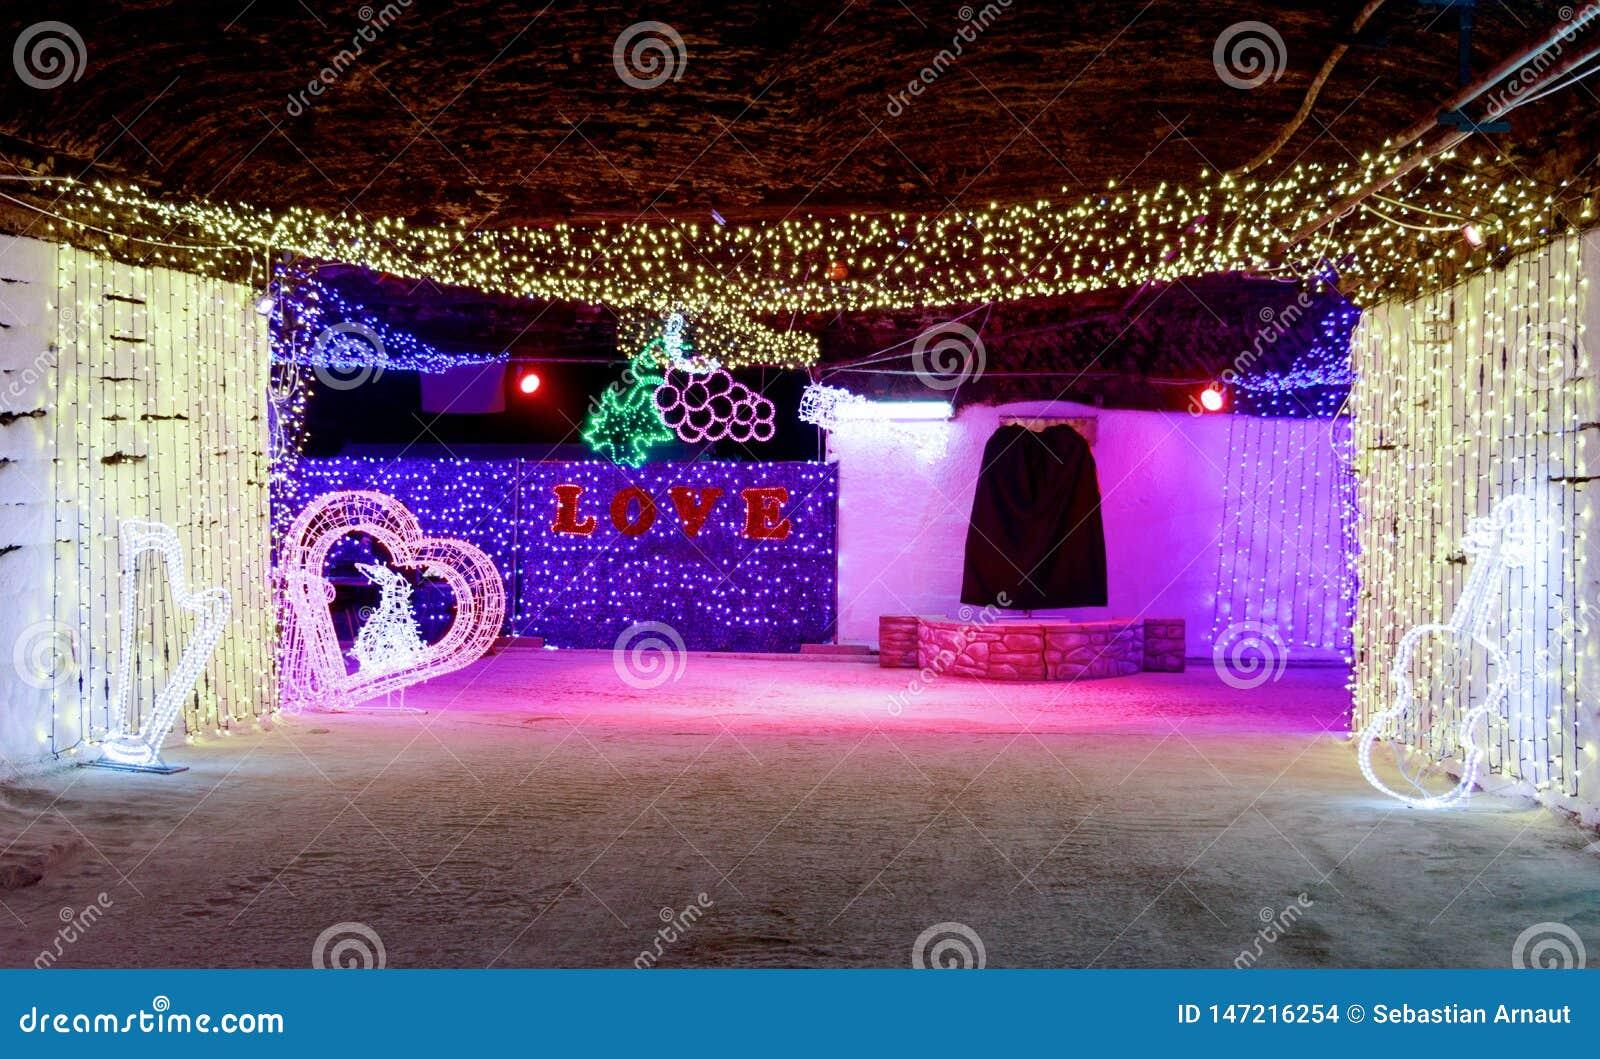 Les lumières décoratives illuminent les rues souterraines